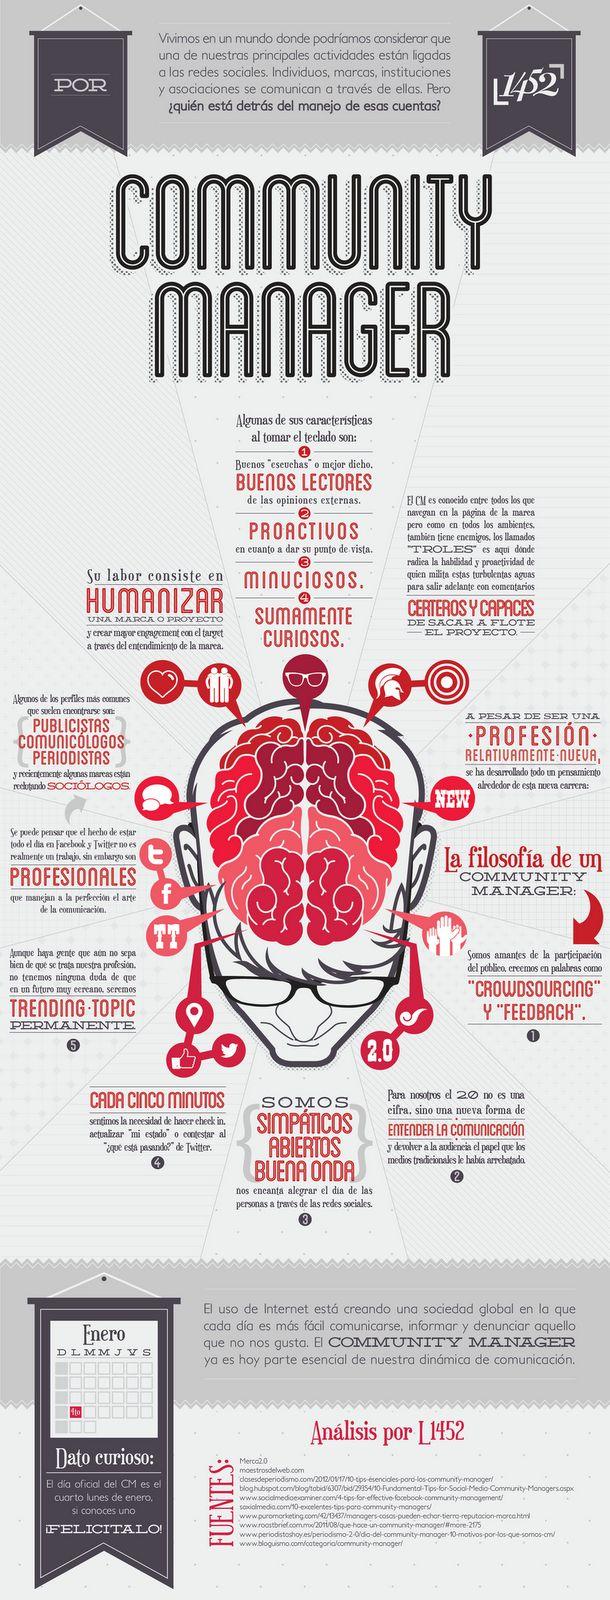 Quiénes son los Community Manager. #Infografía en español